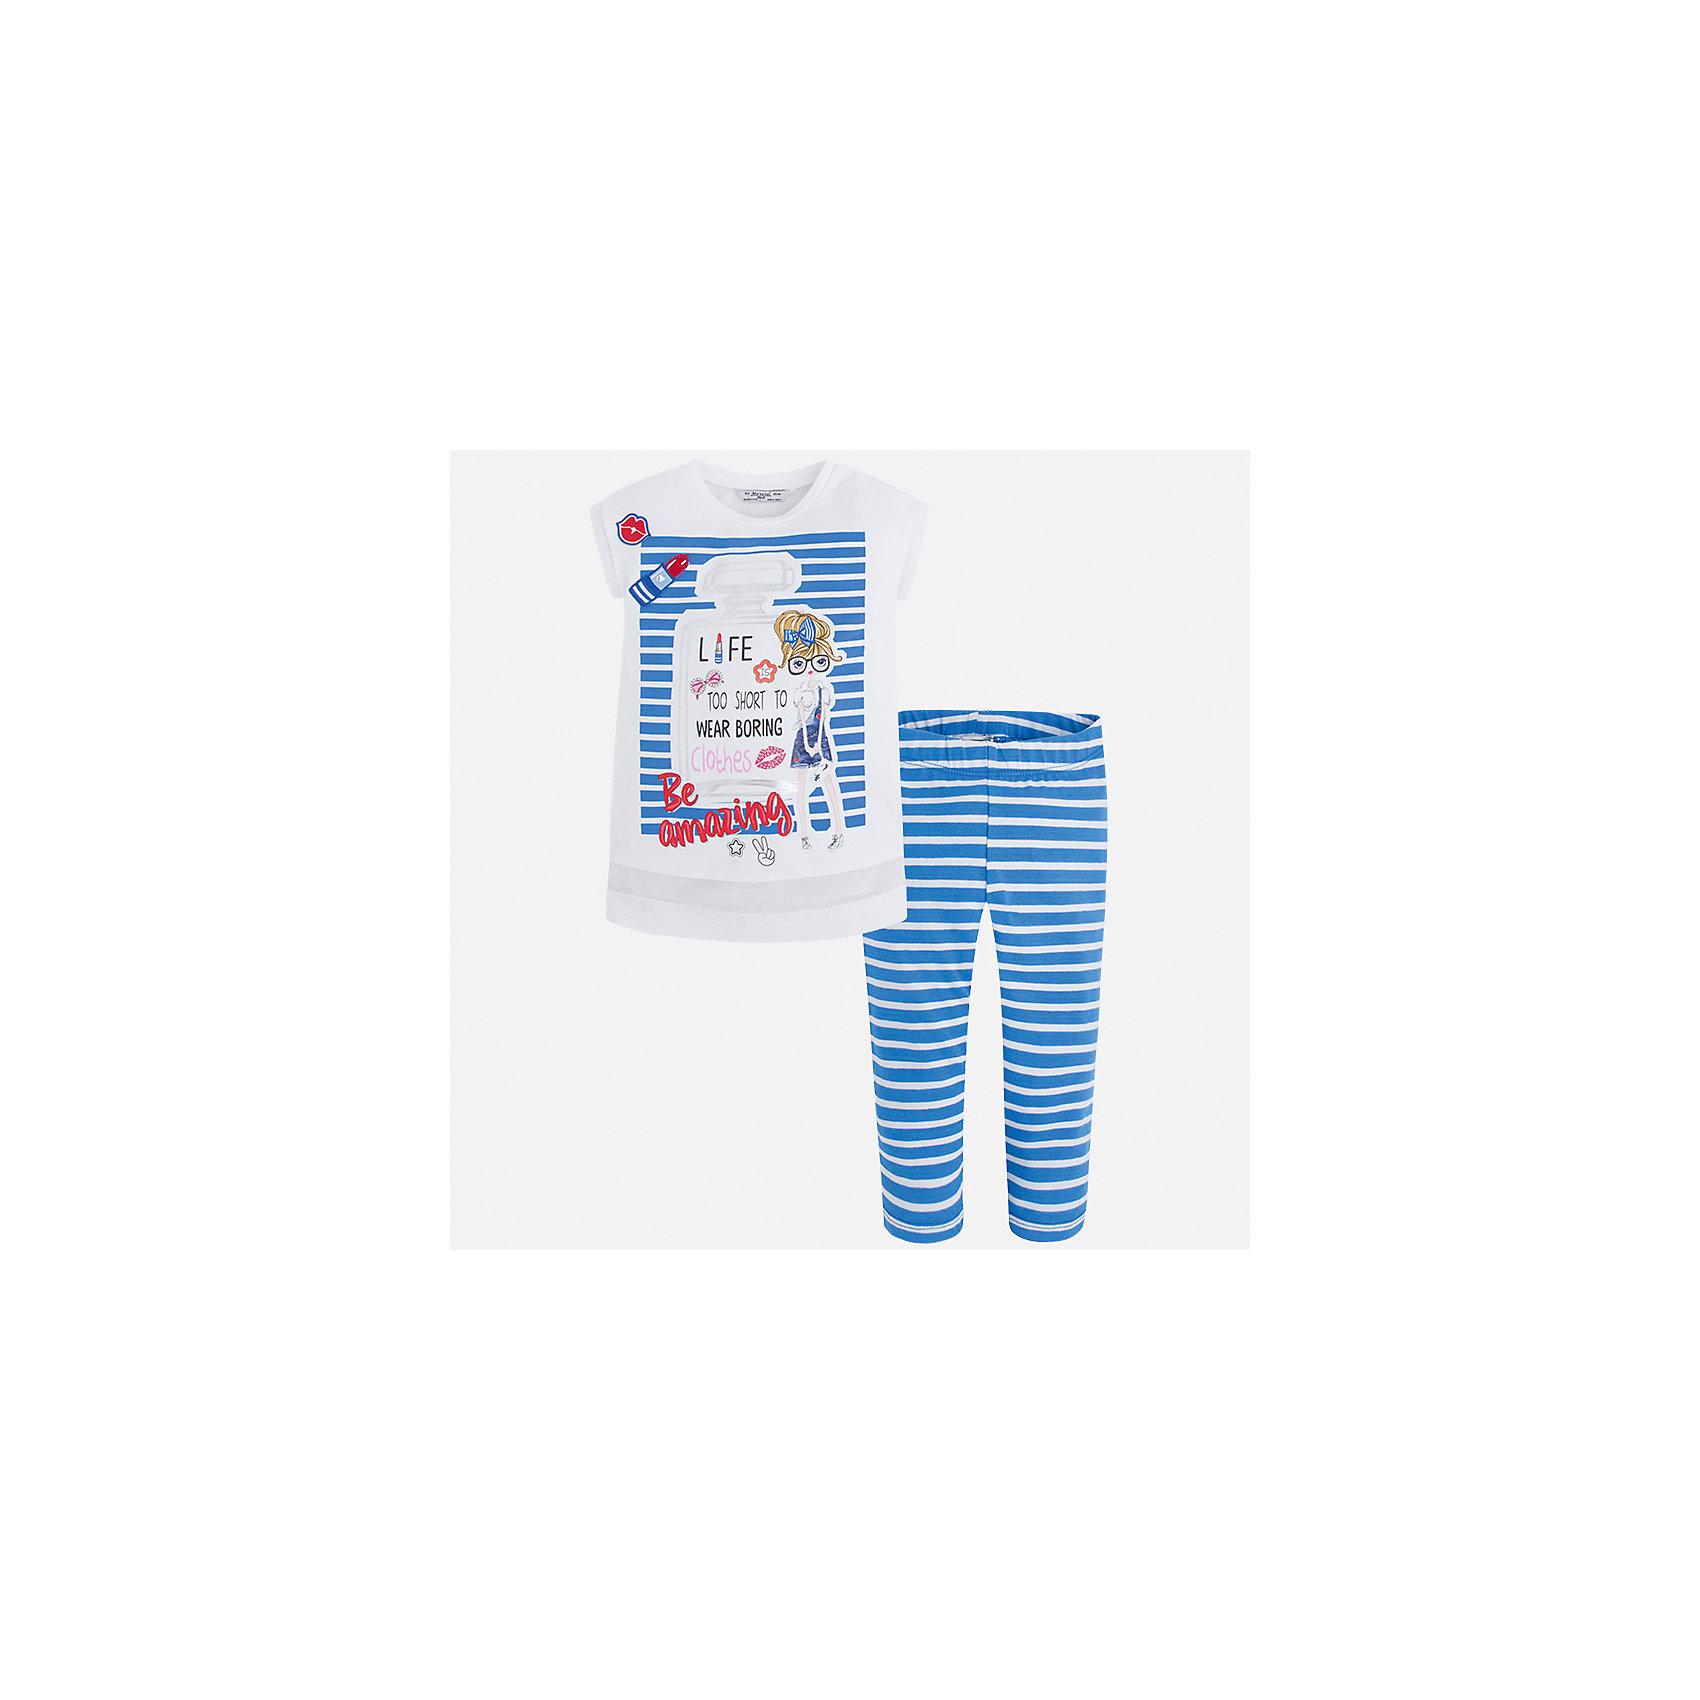 Комплект: футболка с длинным рукавом и леггинсы для девочки MayoralКомплекты<br>Характеристики товара:<br><br>• цвет: голубой/белый<br>• состав: 95% хлопок, 5% эластан<br>• комплектация: футболка, леггинсы<br>• футболка декорирована принтом <br>• леггинсы в полоску<br>• пояс на резинке<br>• страна бренда: Испания<br><br>Красивый качественный комплект для девочки поможет разнообразить гардероб ребенка и удобно одеться в теплую погоду. Он отлично сочетается с другими предметами. Универсальный цвет позволяет подобрать к вещам верхнюю одежду практически любой расцветки. Интересная отделка модели делает её нарядной и оригинальной. В составе материала - натуральный хлопок, гипоаллергенный, приятный на ощупь, дышащий.<br><br>Одежда, обувь и аксессуары от испанского бренда Mayoral полюбились детям и взрослым по всему миру. Модели этой марки - стильные и удобные. Для их производства используются только безопасные, качественные материалы и фурнитура. Порадуйте ребенка модными и красивыми вещами от Mayoral! <br><br>Комплект для девочки от испанского бренда Mayoral (Майорал) можно купить в нашем интернет-магазине.<br><br>Ширина мм: 123<br>Глубина мм: 10<br>Высота мм: 149<br>Вес г: 209<br>Цвет: синий<br>Возраст от месяцев: 96<br>Возраст до месяцев: 108<br>Пол: Женский<br>Возраст: Детский<br>Размер: 134,128,122,116,110,104,98,92<br>SKU: 5300533